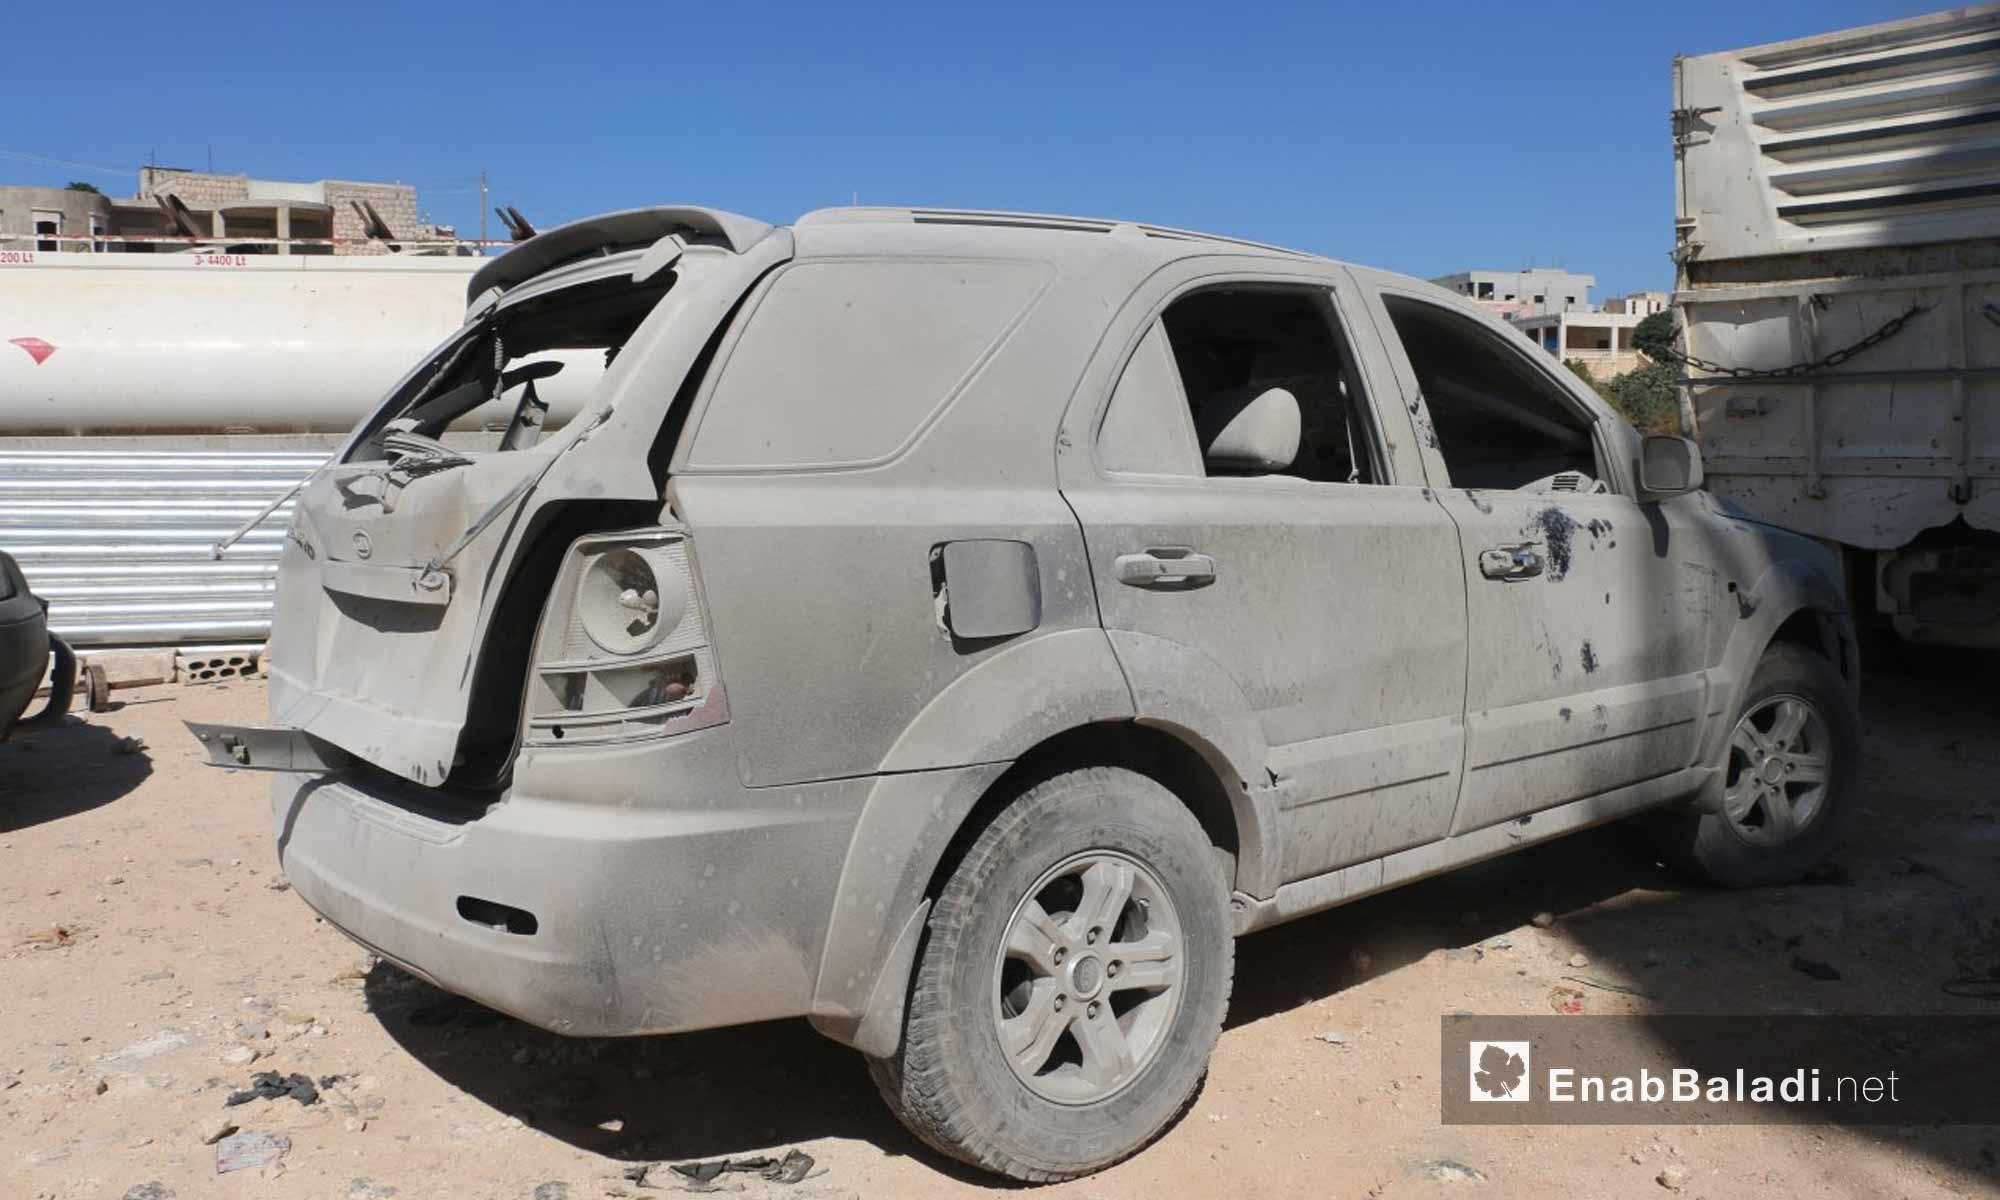 آثار الدمار الذي خلفه انفجار مستودع ذخيرة في مدينة سرمدا بريف إدلب - 12 من آب 2018 (عنب بلدي)